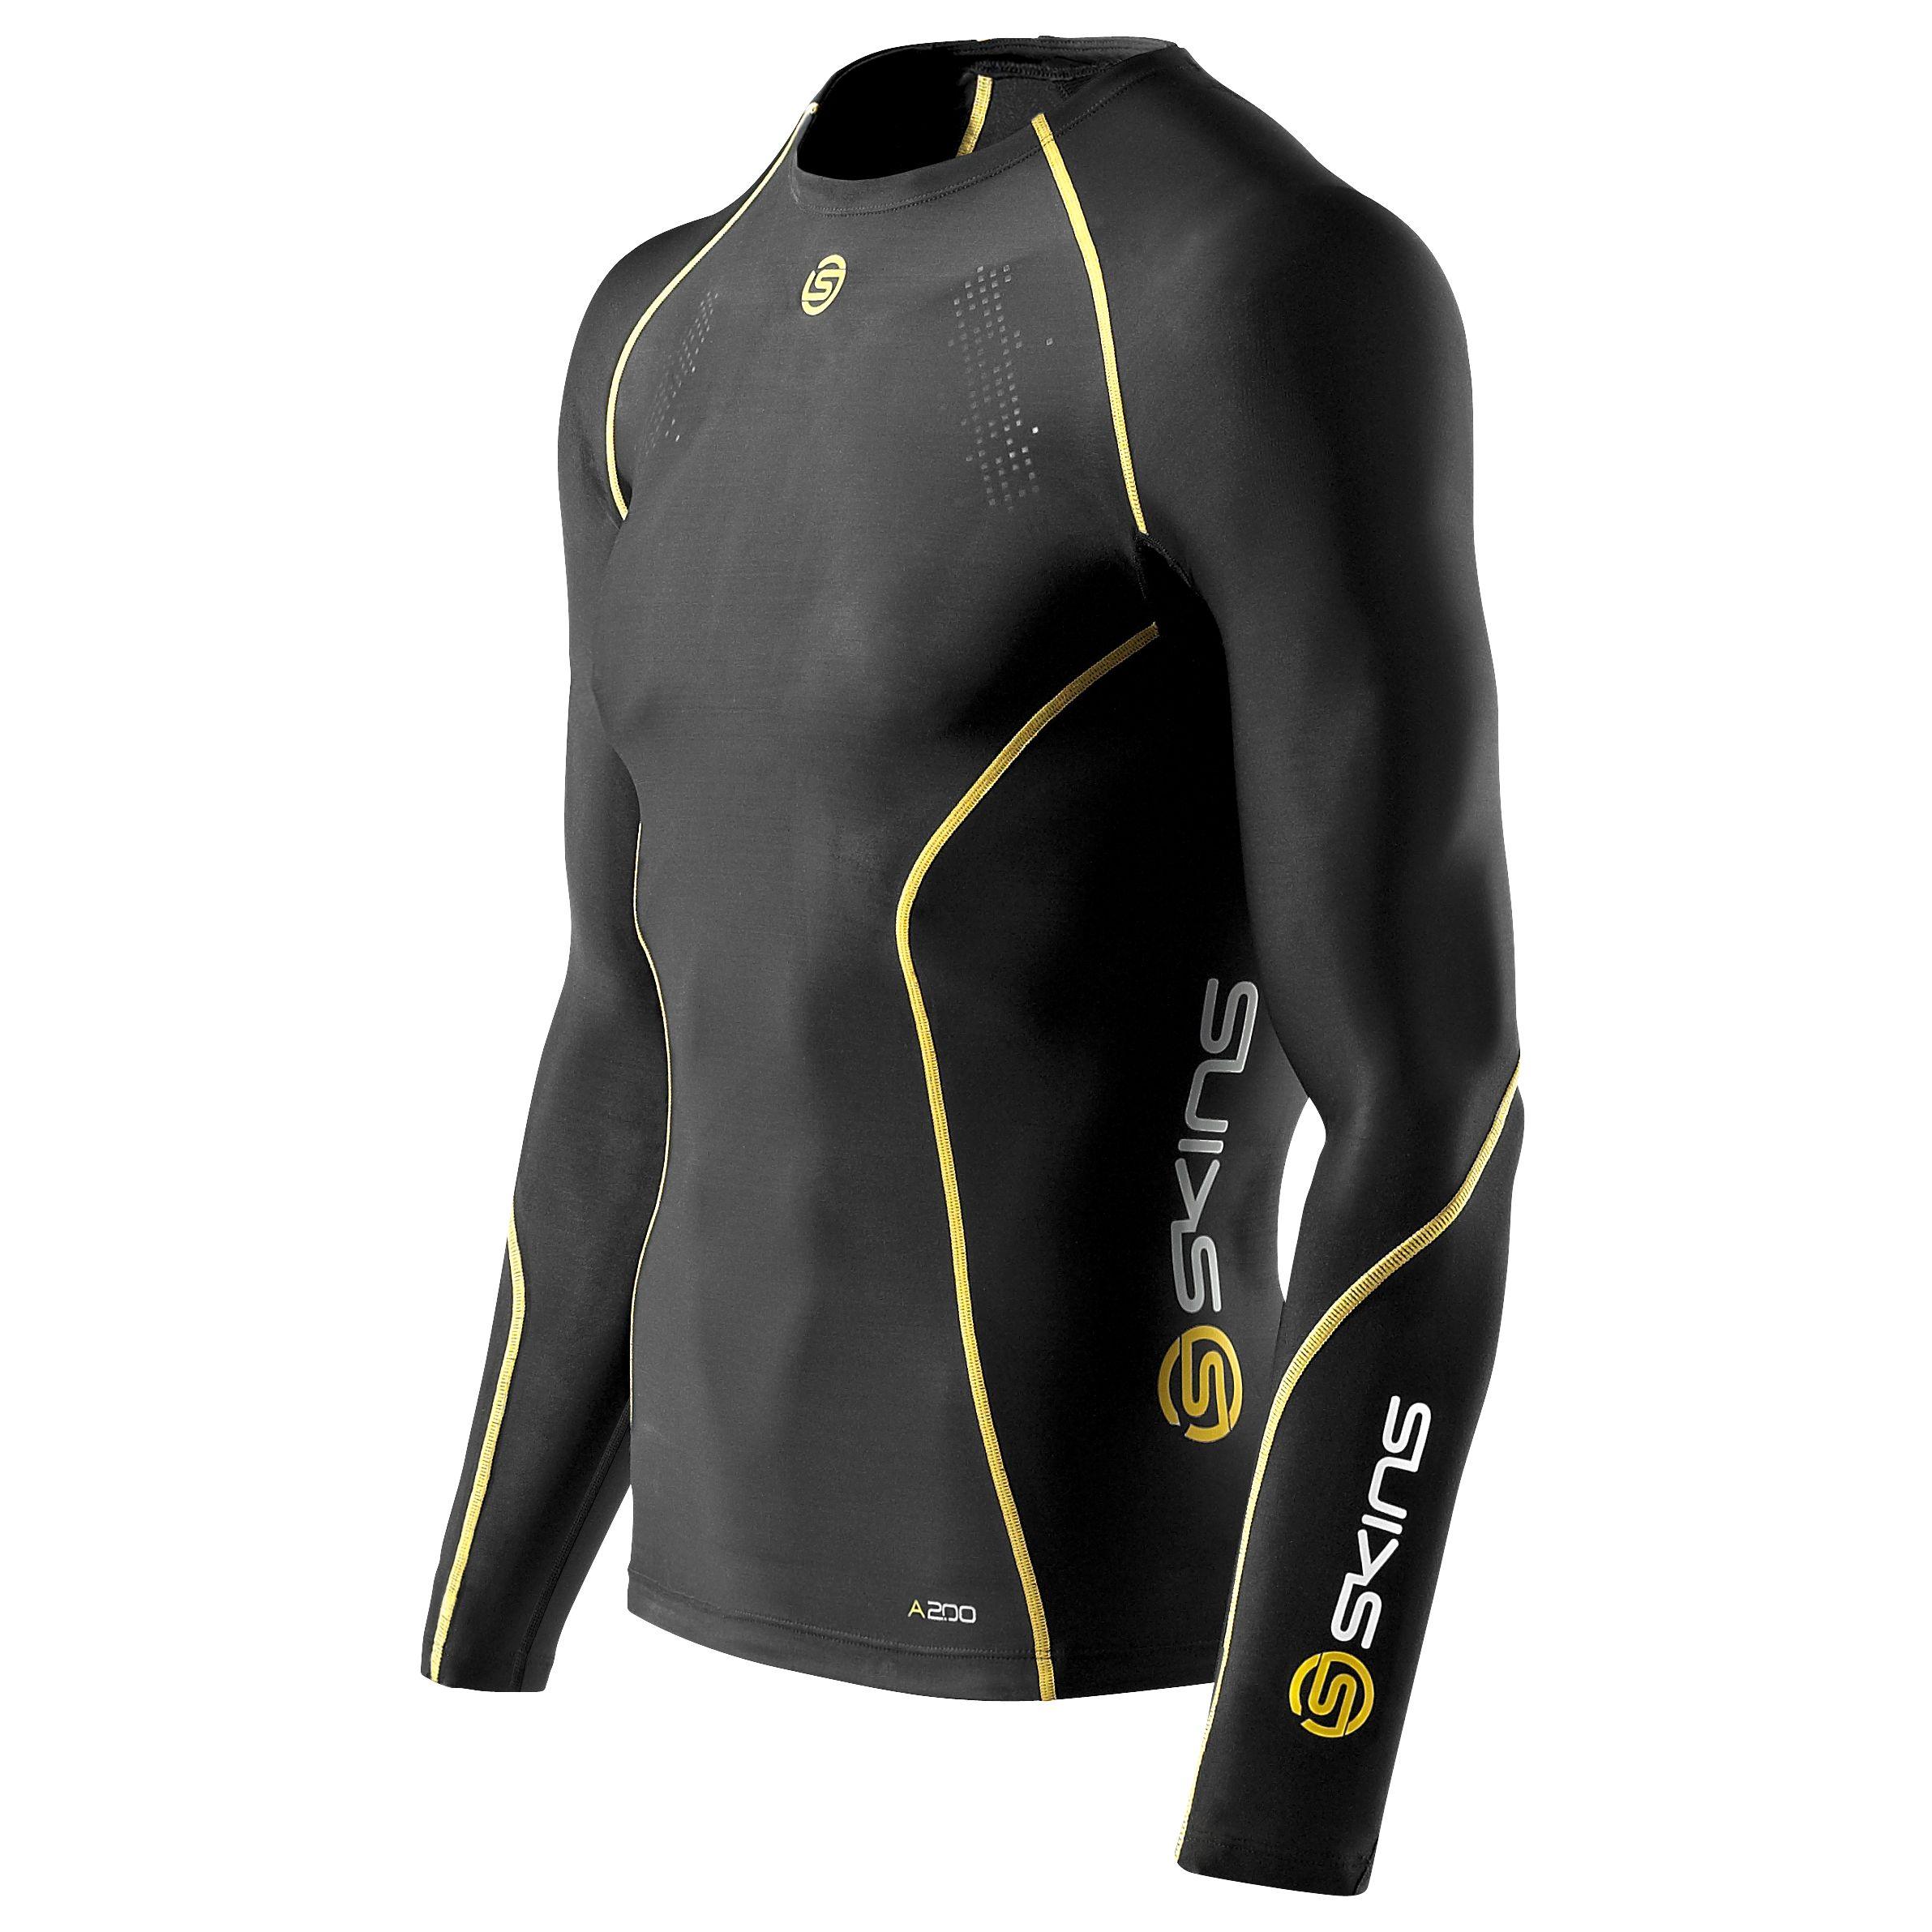 Skins Skins Men's A200 Compression Long Sleeve Top